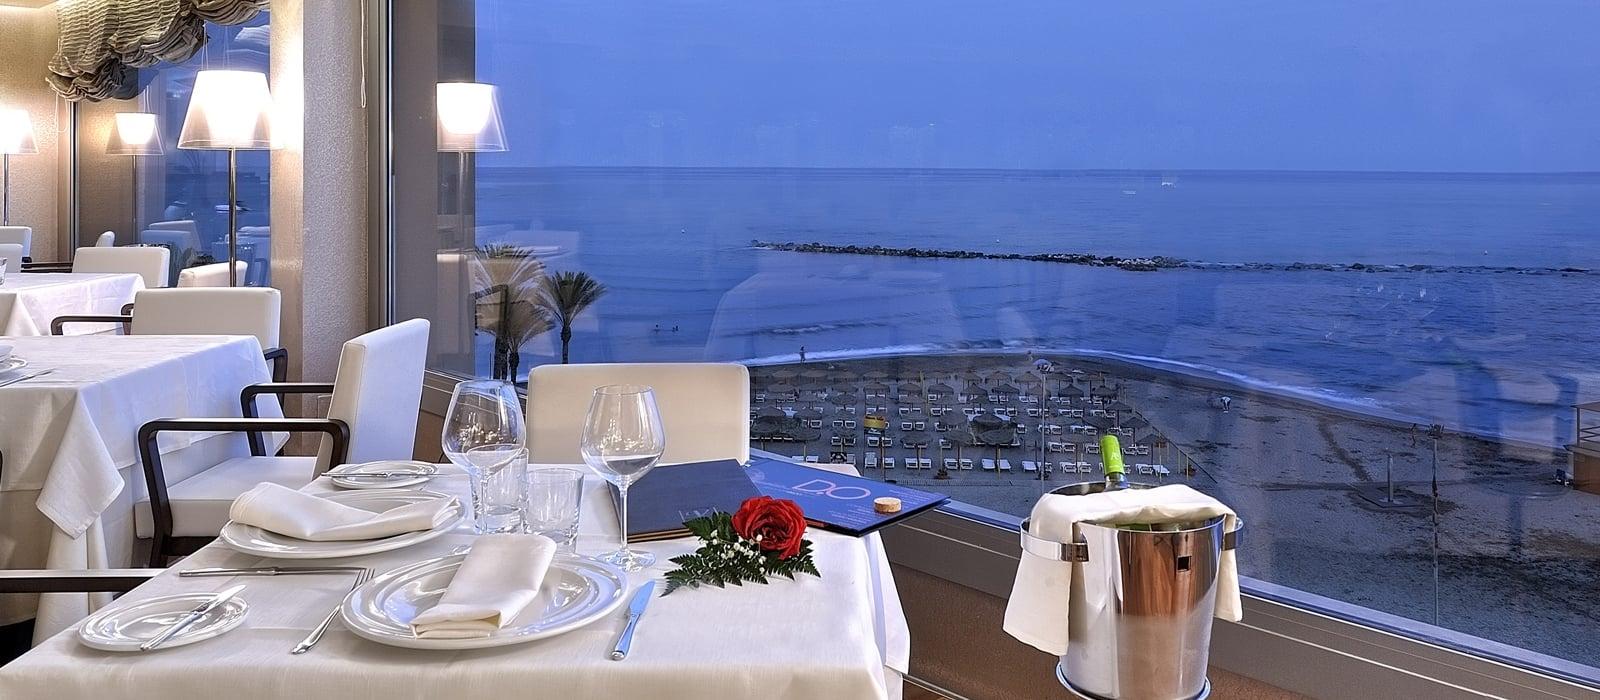 Servicios Hotel Vincci Aleysa Boutique&Spa - Restaurante Alamar